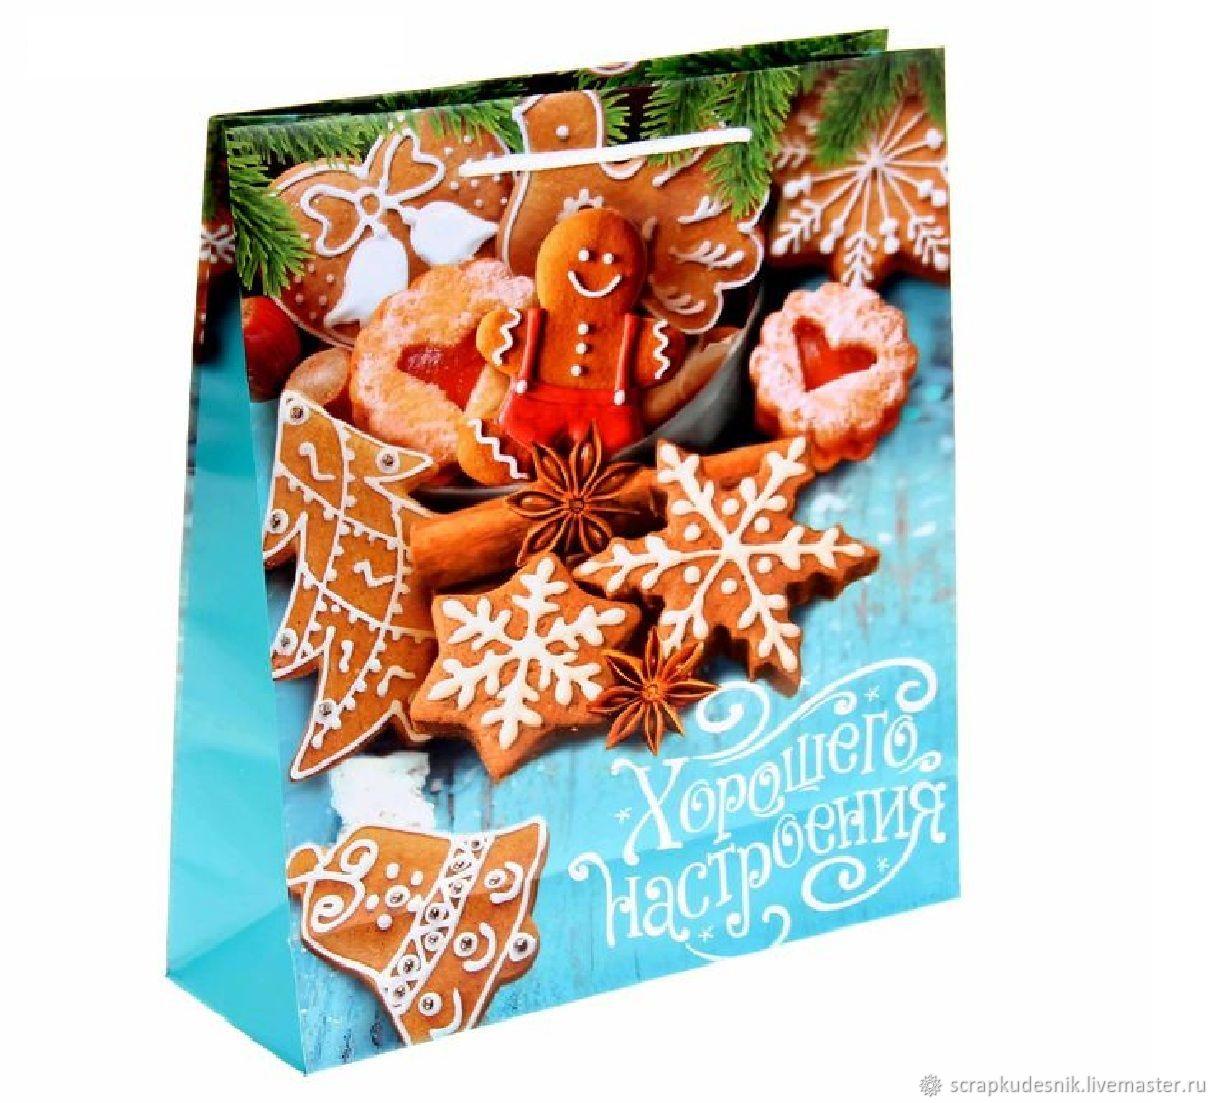 Как упаковать булочки в подарок